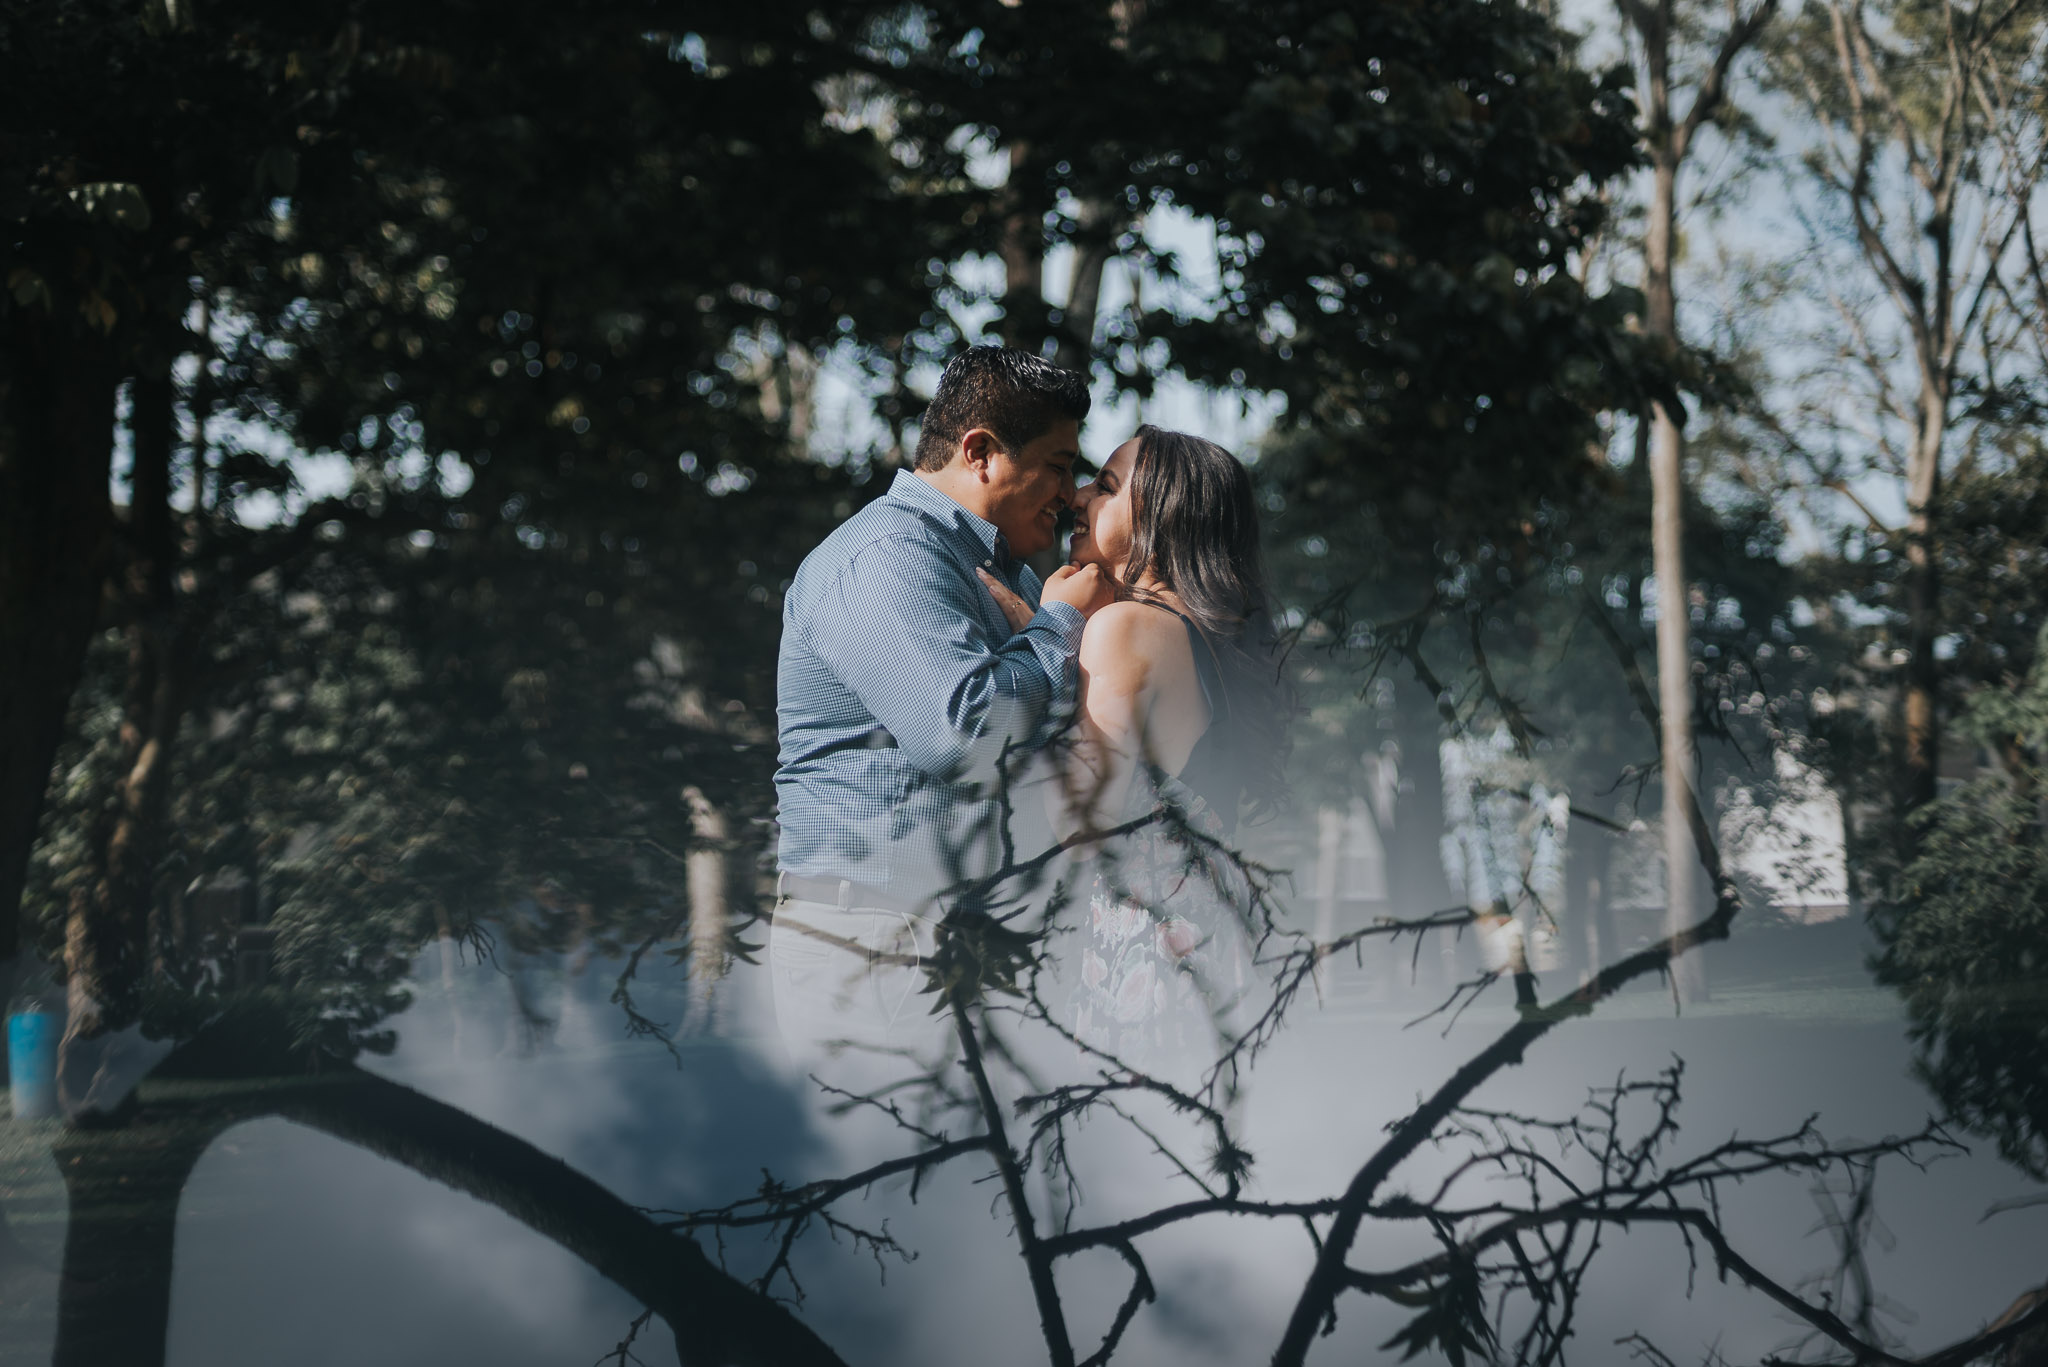 Preboda-Sesión-Julio_y_marbella-bodas-juan-salazar-fotografo-Guatemala-fotografo_de_bodas